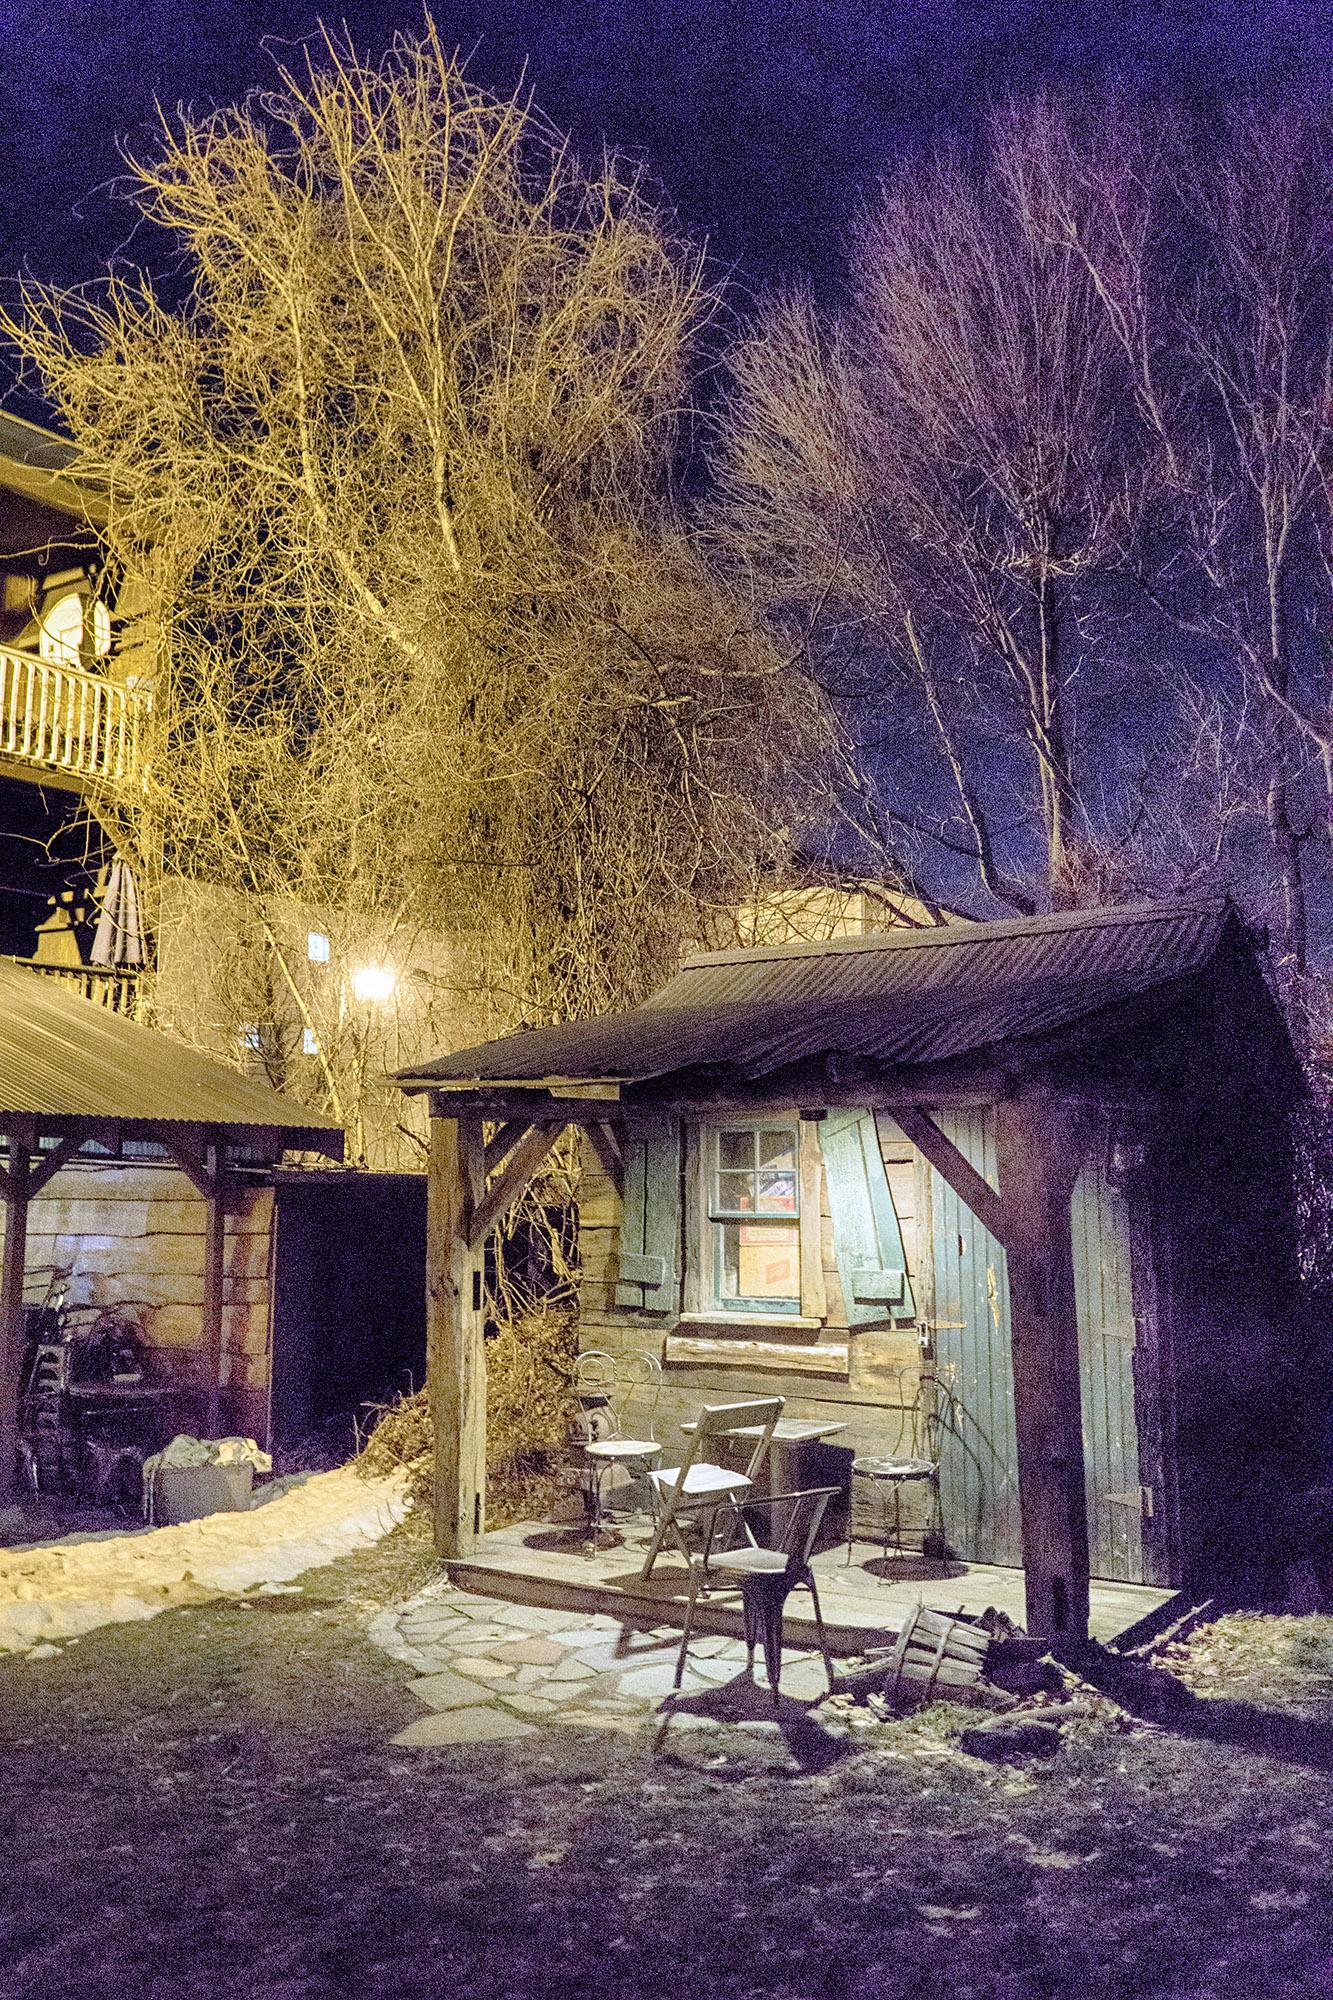 Vincent's shack